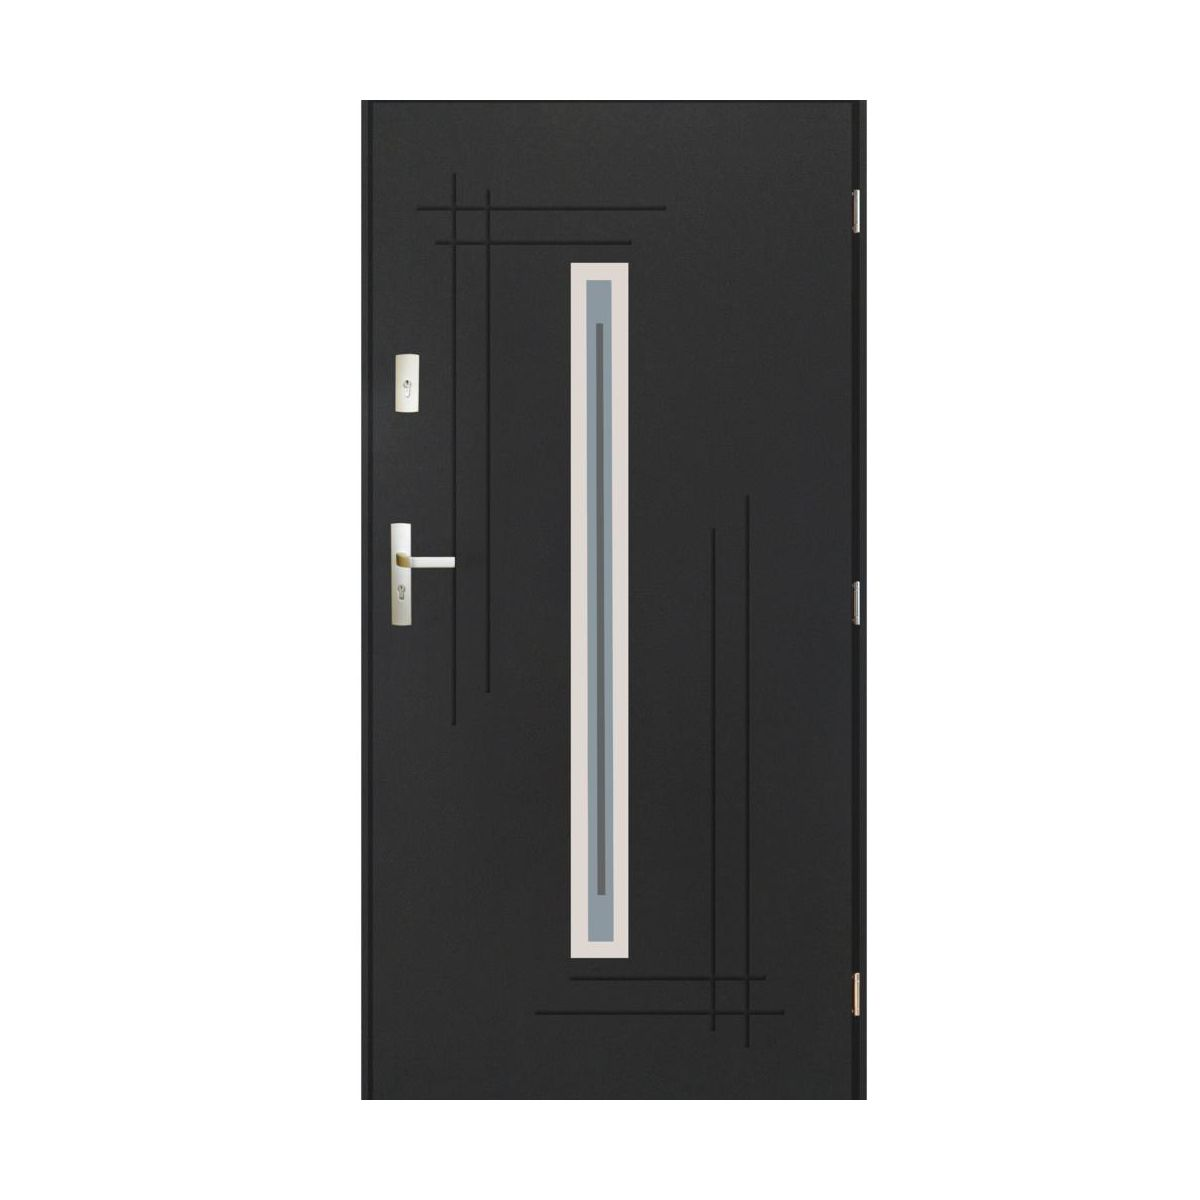 Drzwi Wejsciowe Ozyrys Antracyt 90 Prawe Pantor Drzwi Zewnetrzne Do Domu Mieszkania W Atrakcyjnej Cenie W Sklepach Leroy Merlin